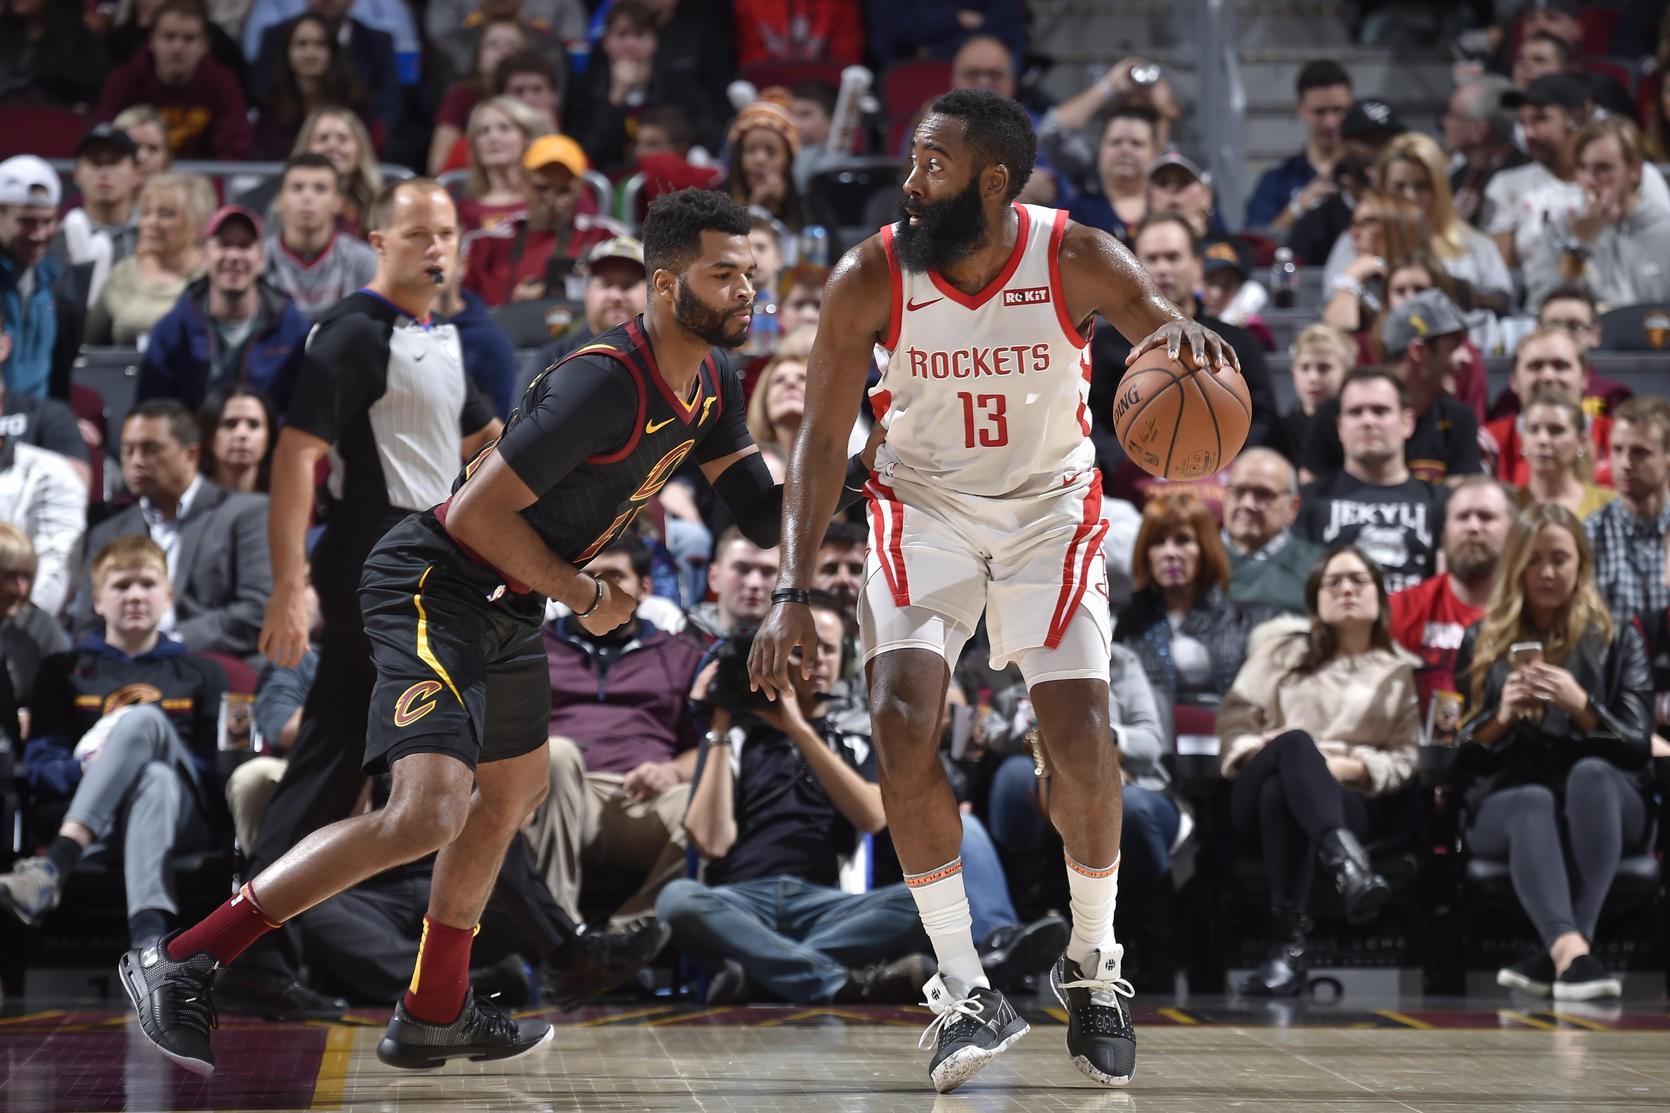 Rockets ôm hận trước Cavaliers trong ngày James Harden vừa làm, vừa phá - Ảnh 1.